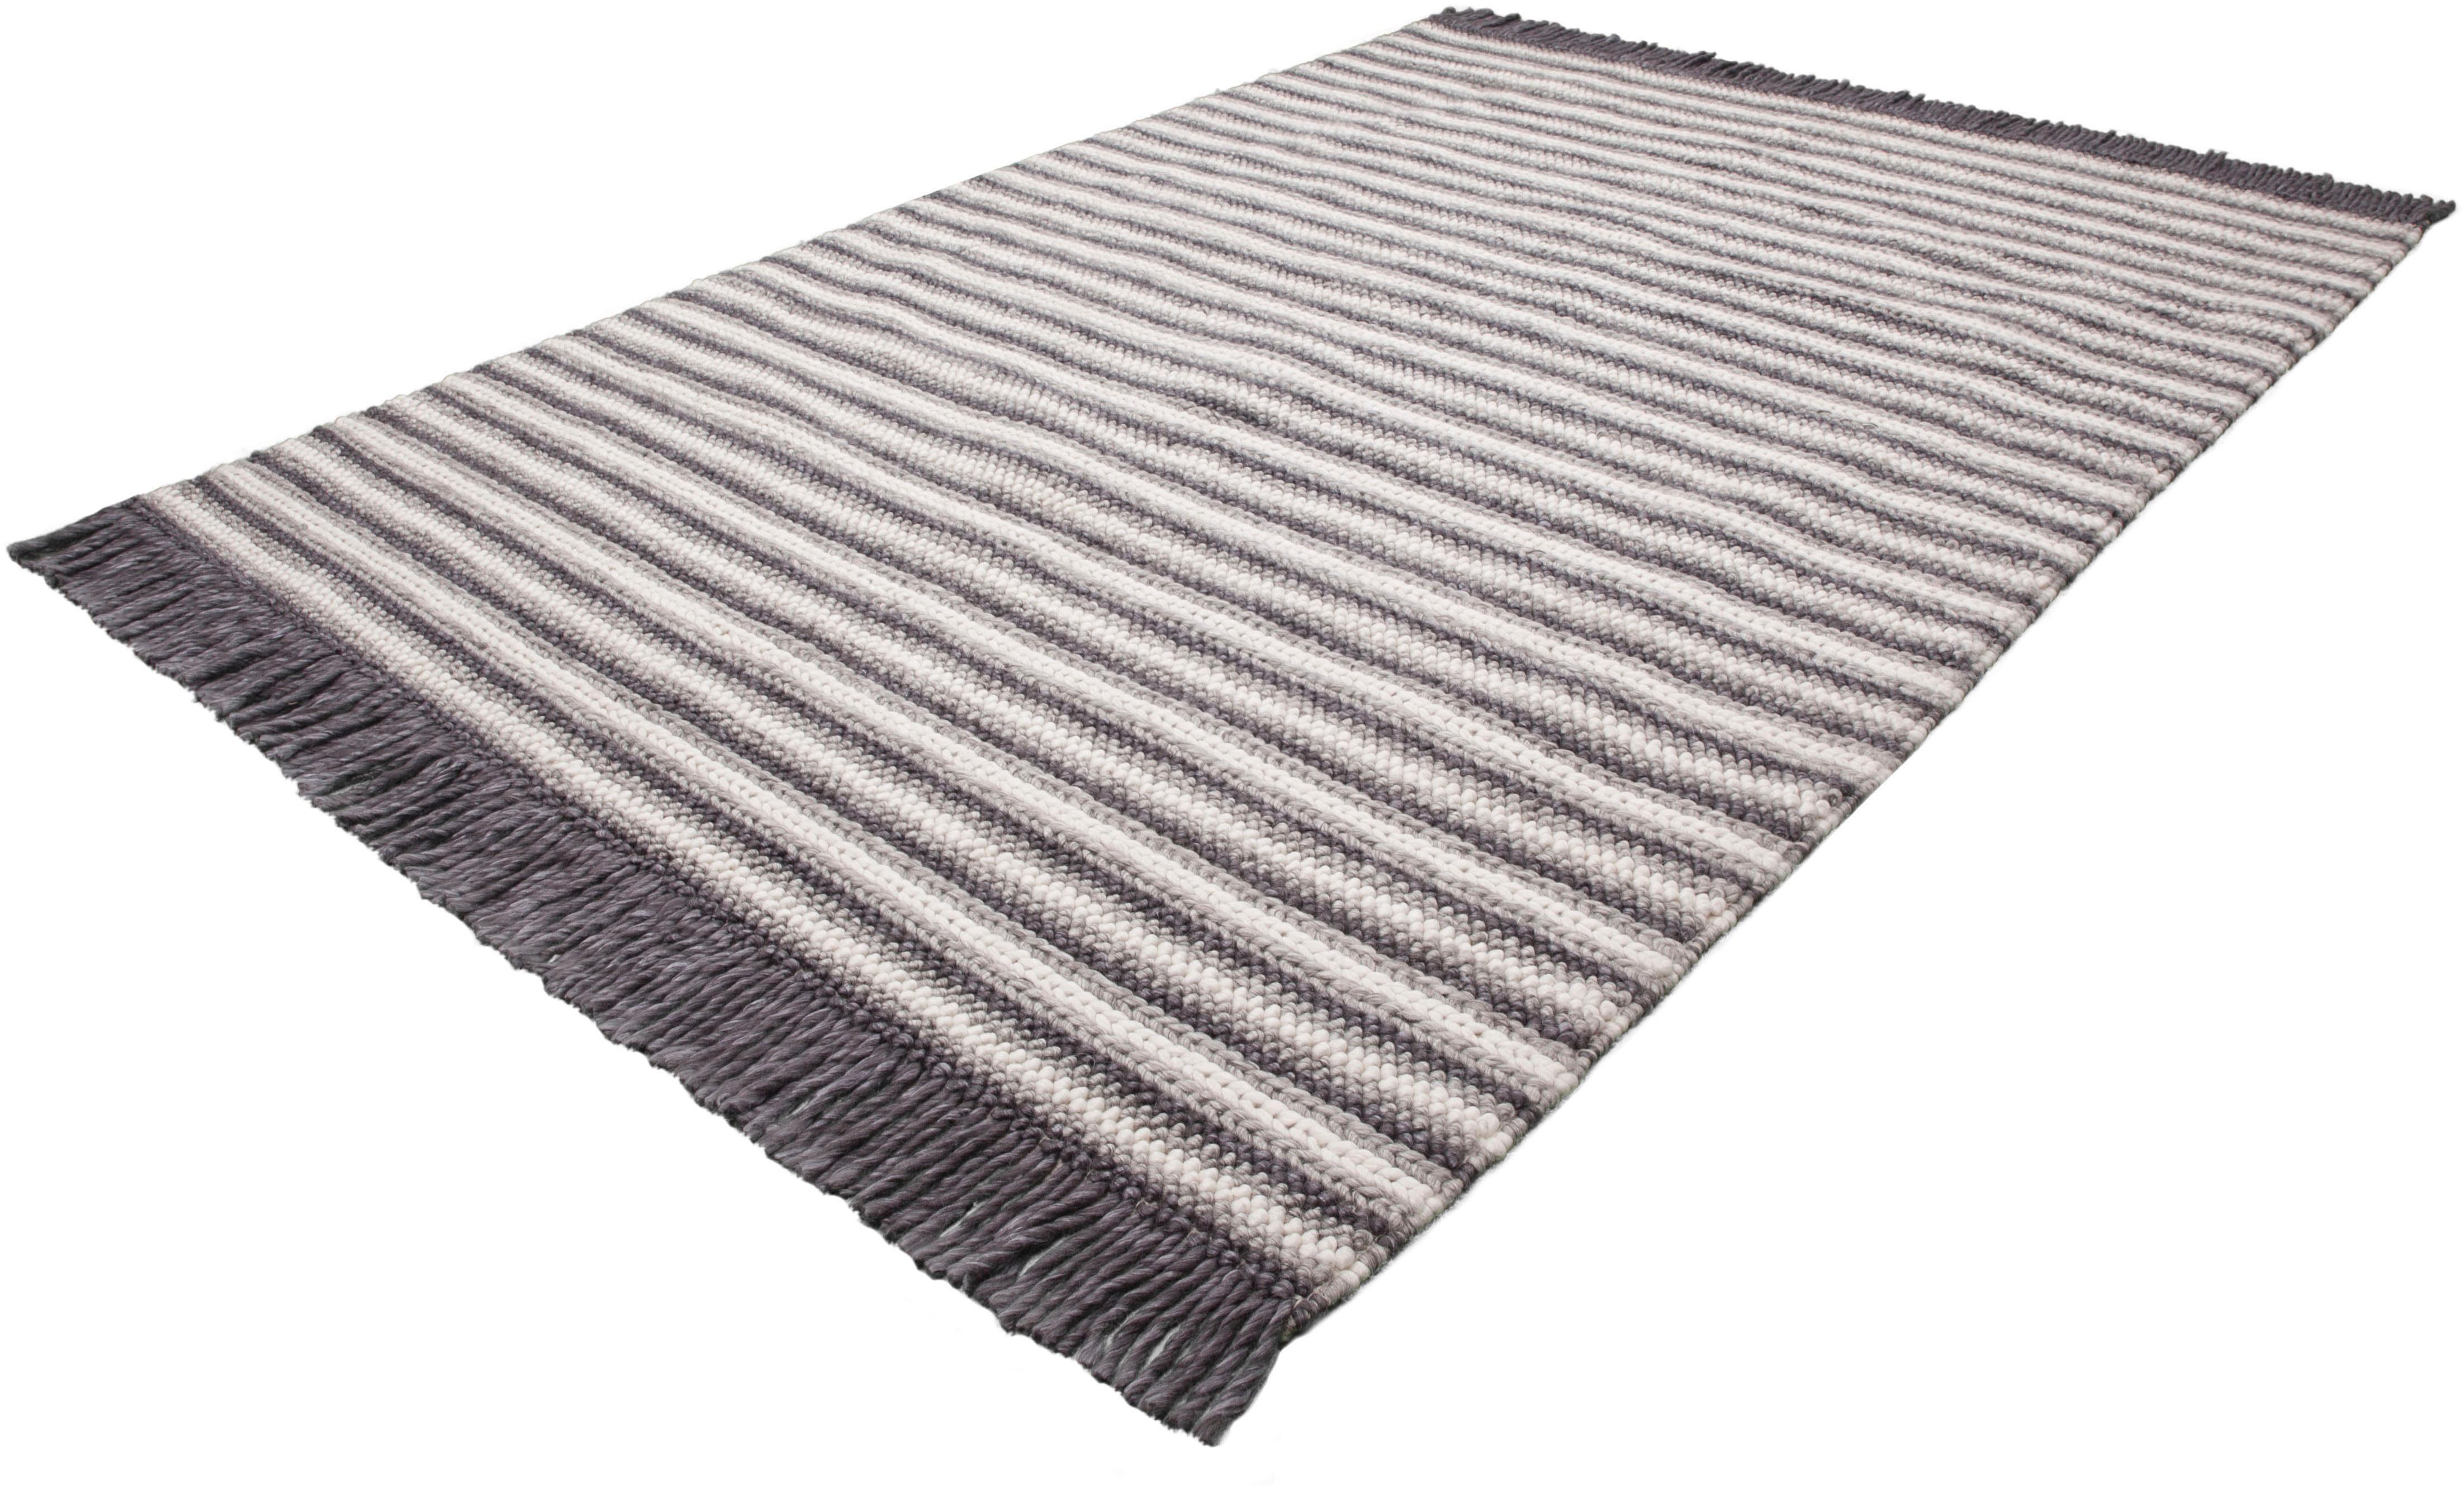 Teppich Bature 400 calo-deluxe rechteckig Höhe 10 mm handgewebt